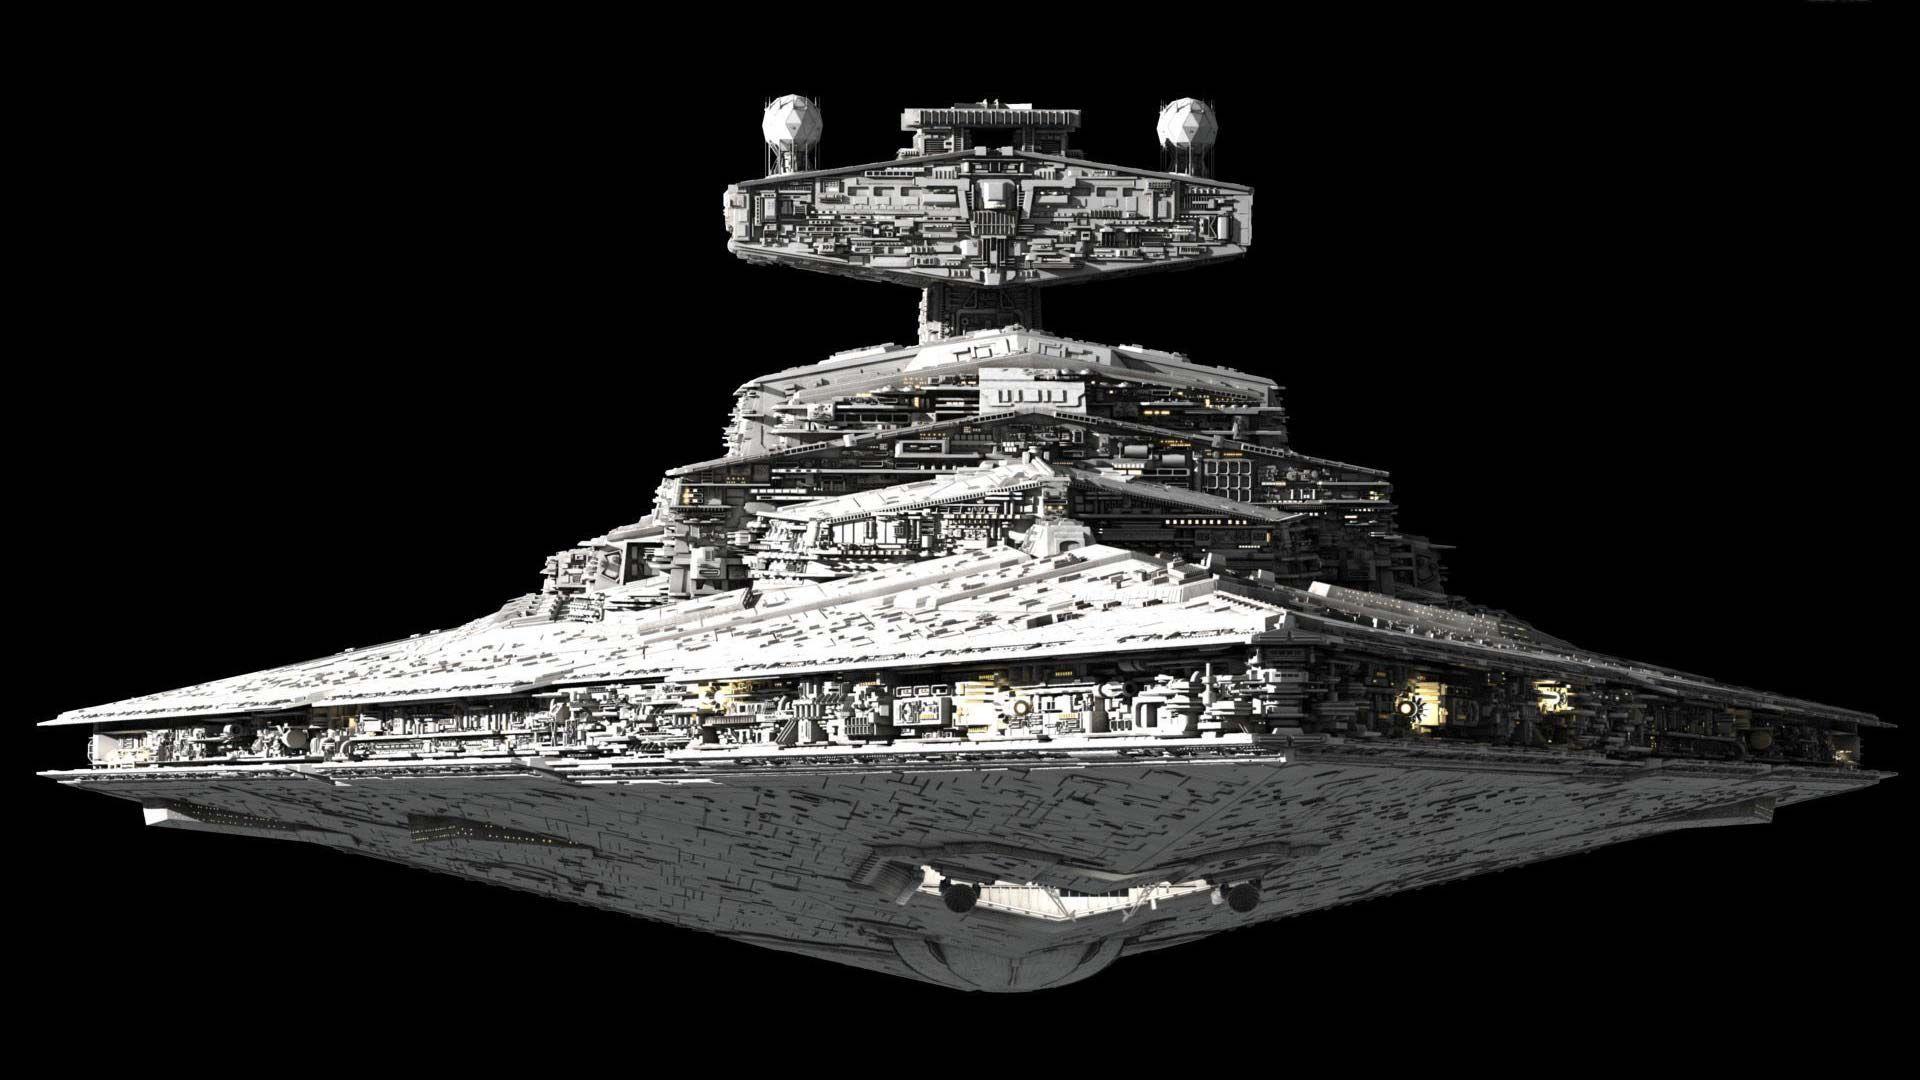 Star Destroyer Movie Wallpaper Star Wars Ships Star Wars Spaceships Star Destroyer Wallpaper